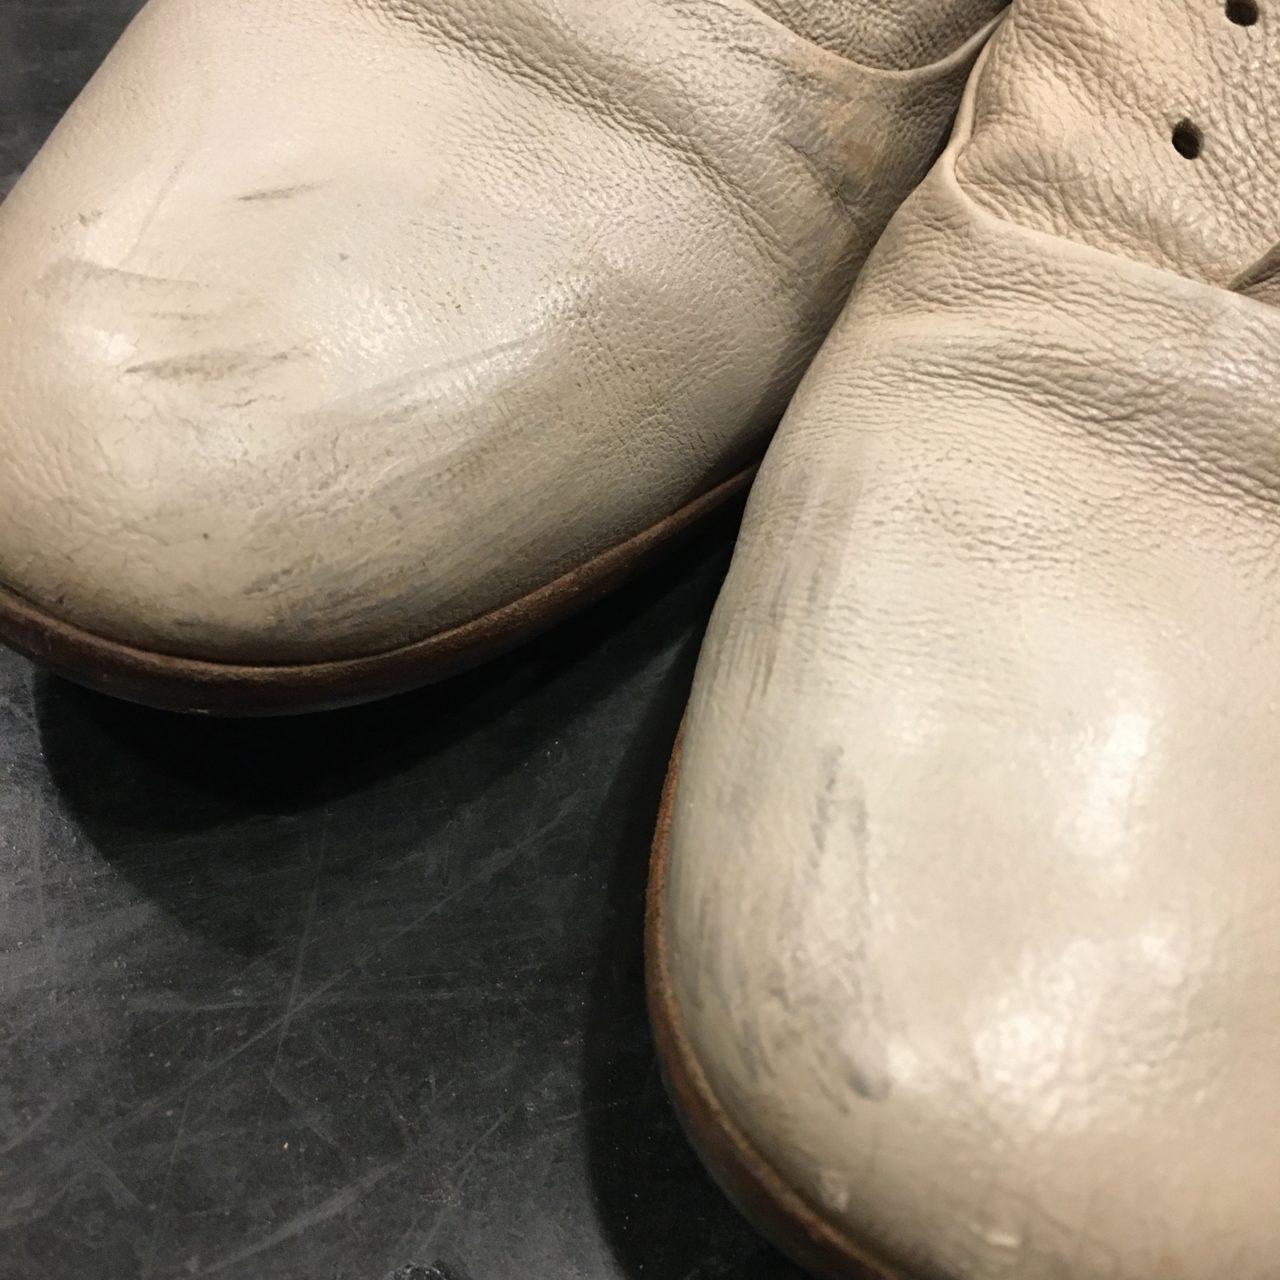 靴の内側が擦れた!気になる擦れ跡、擦れ傷を直したお話